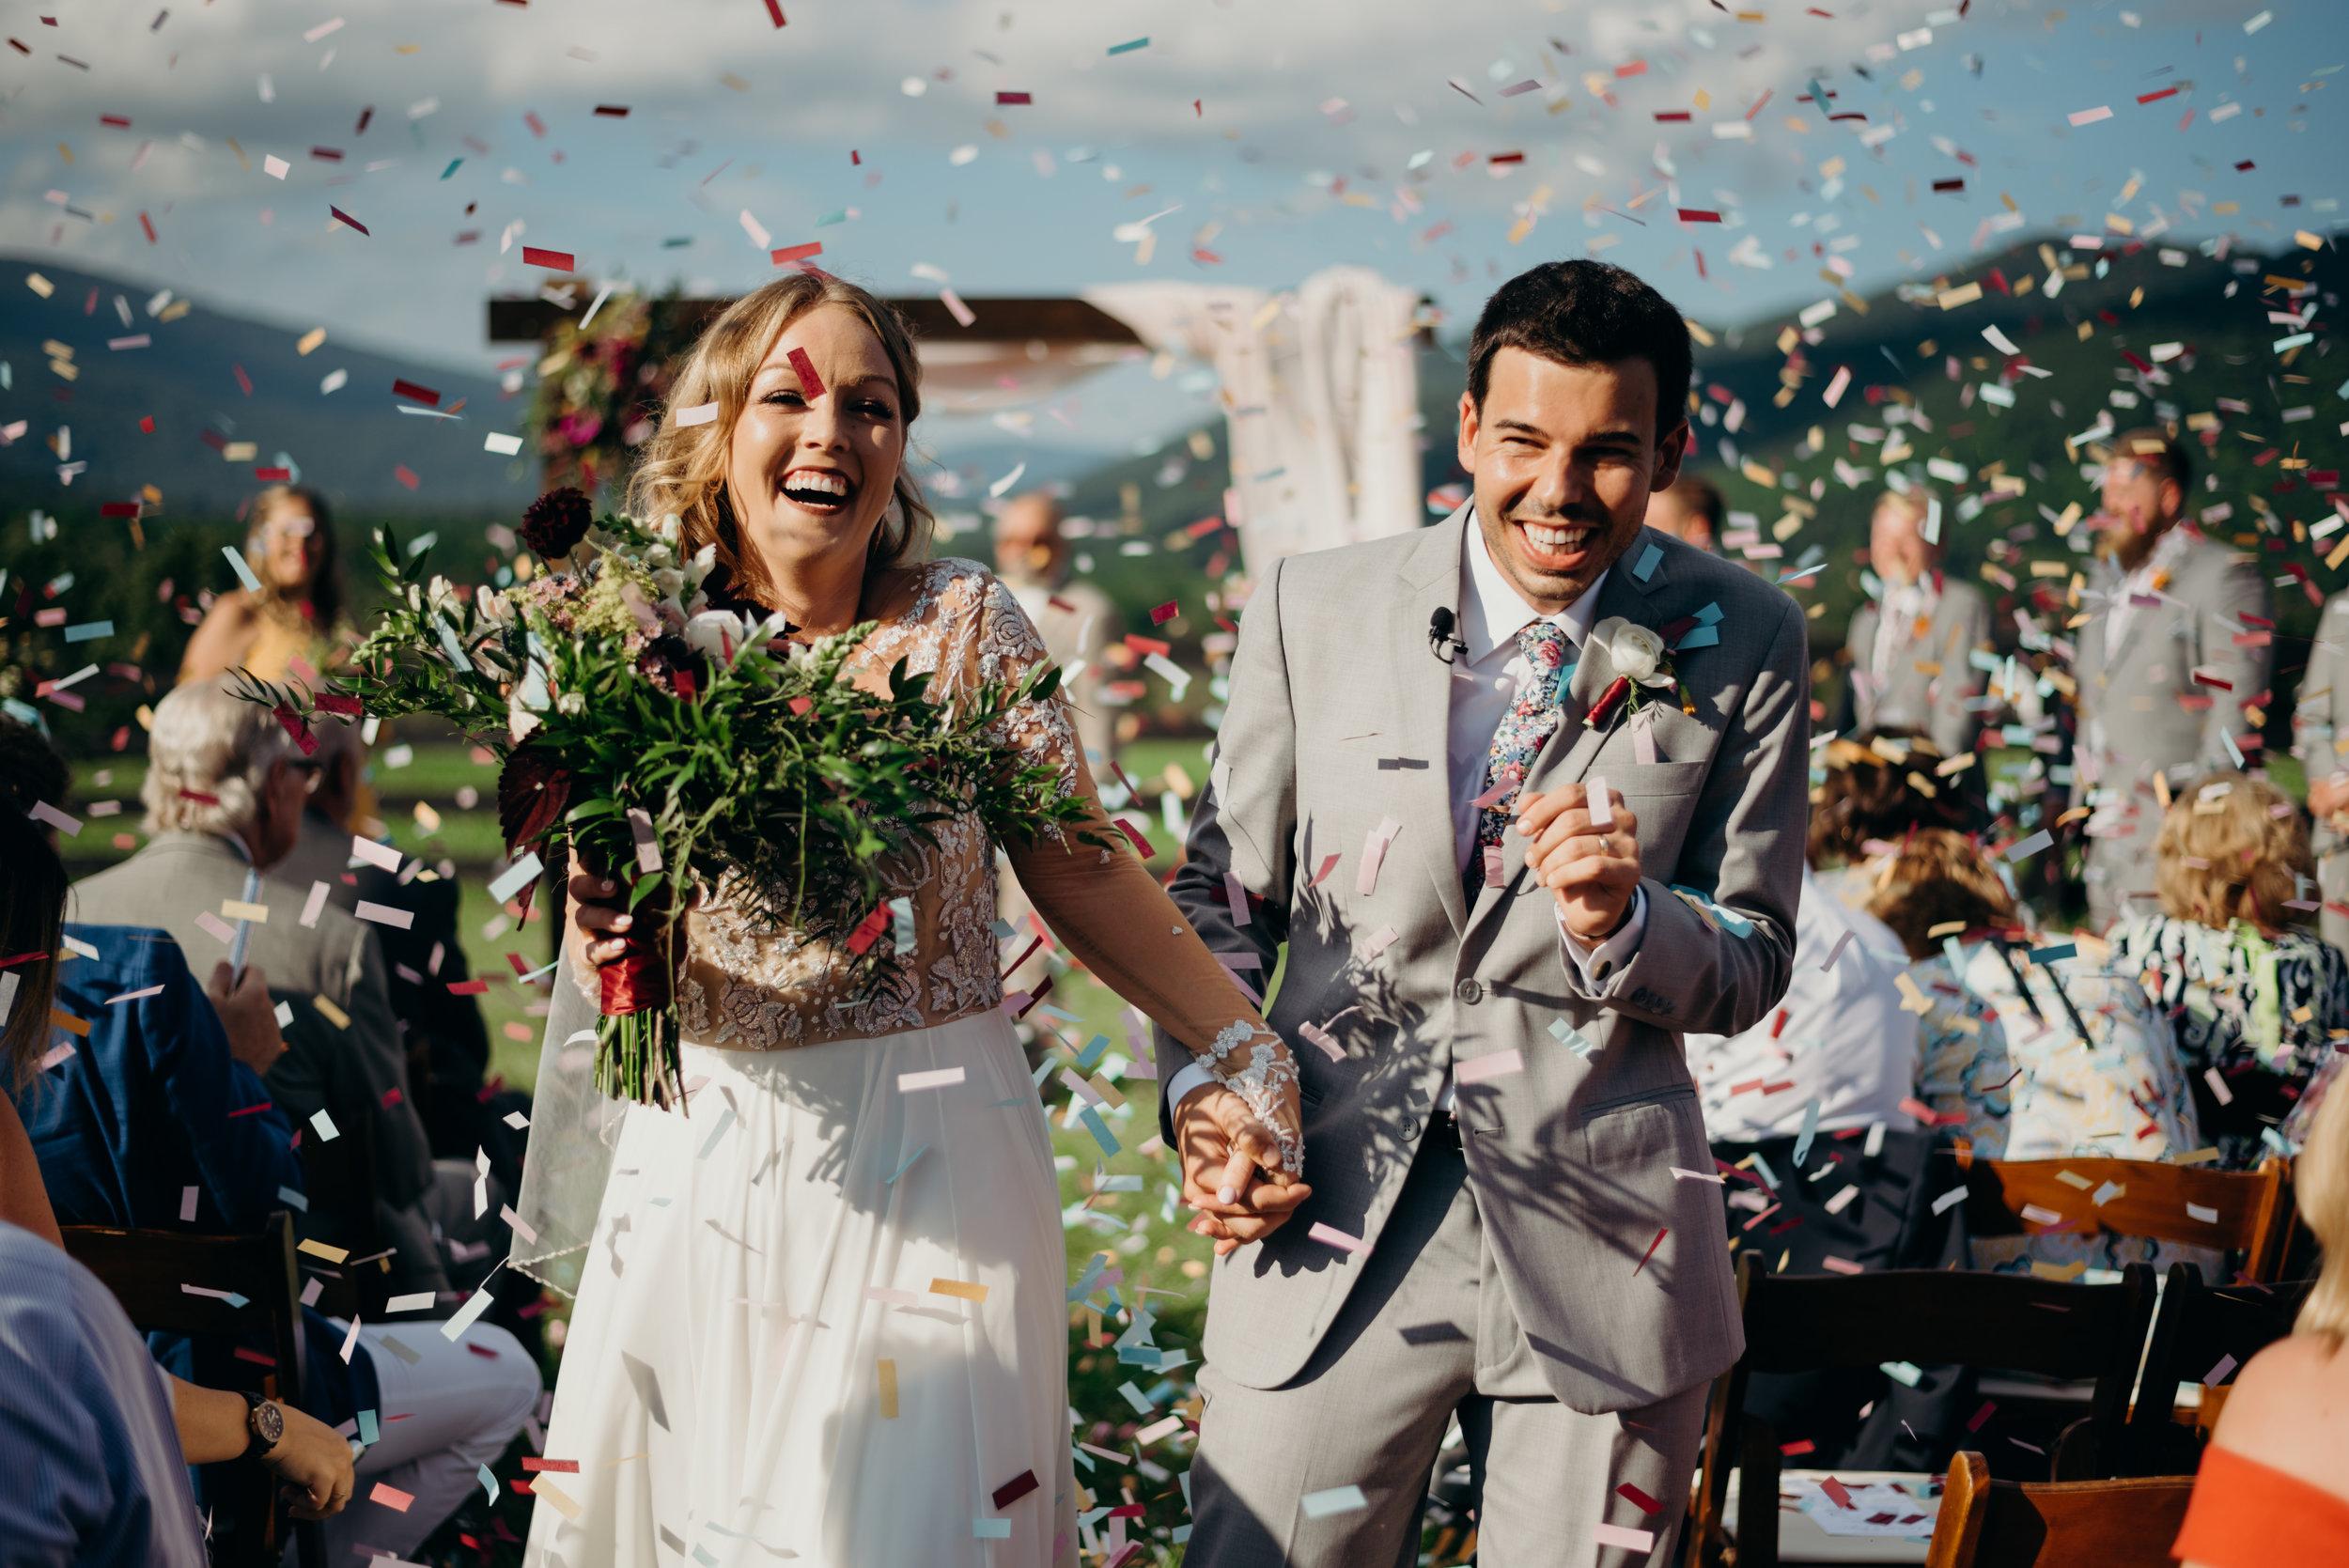 ryan-lauren-wedding-montfair-resort-farm-crozet-virginia-1829.jpg